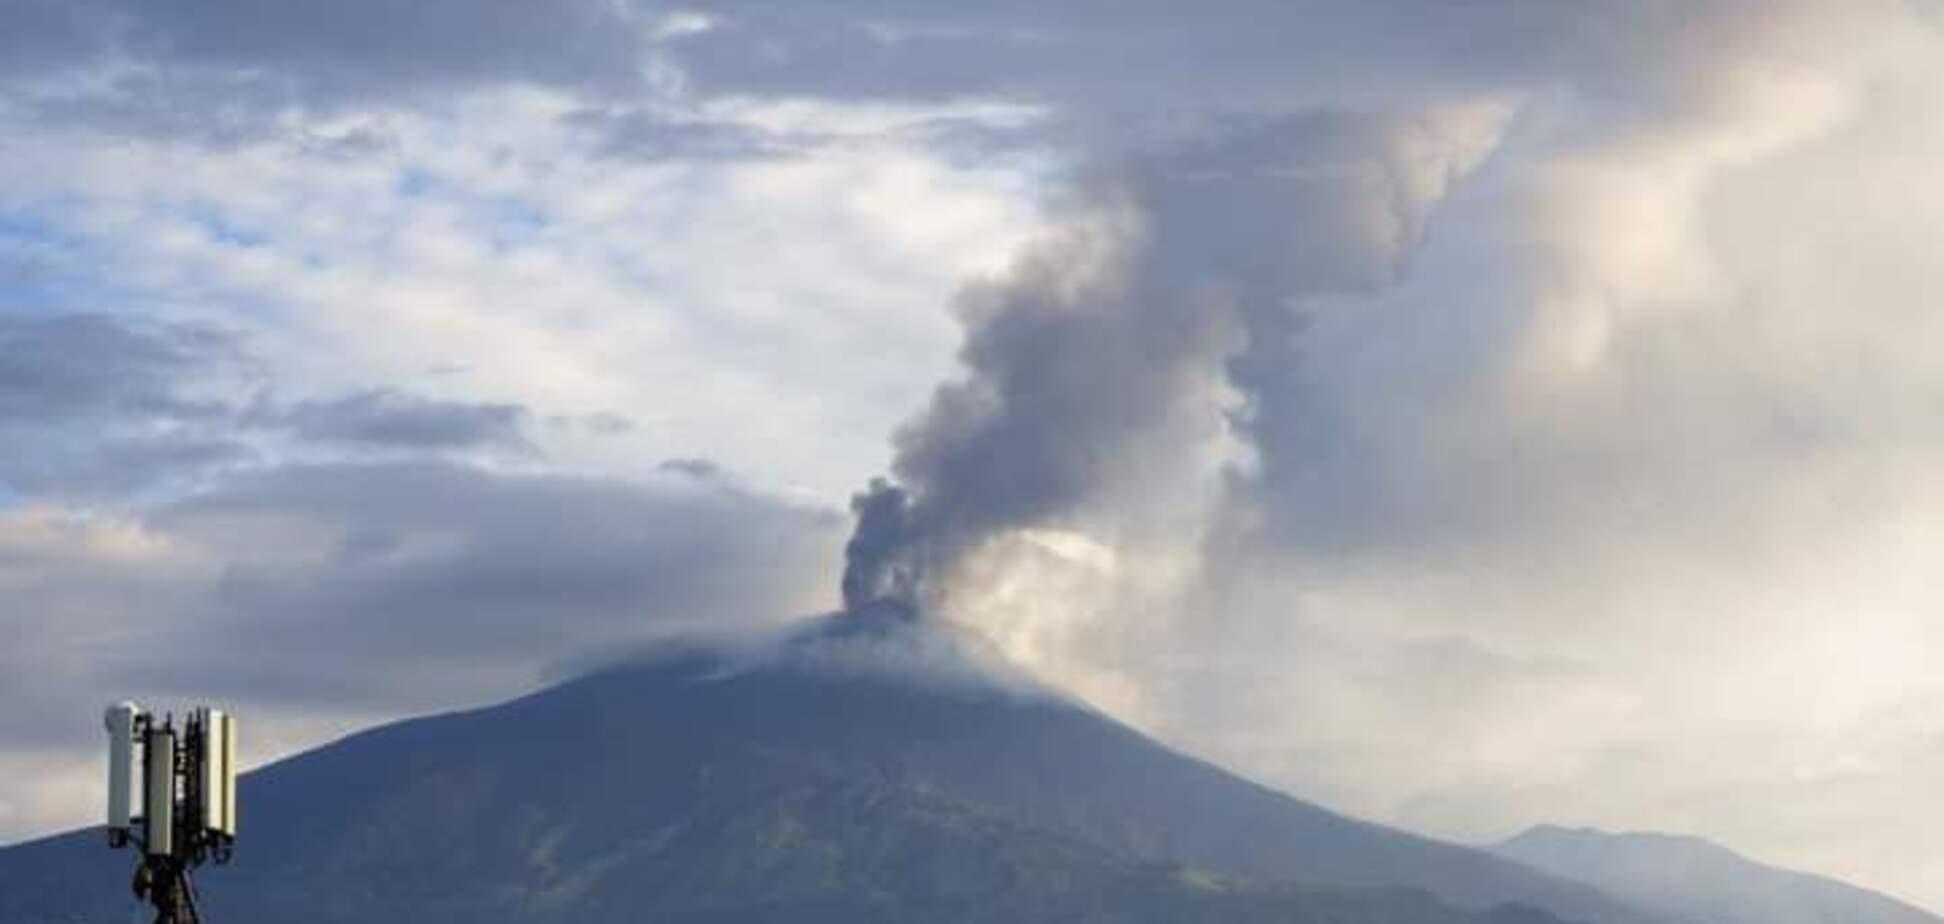 На Сицилії відбулося чергове виверження вулкана Етна